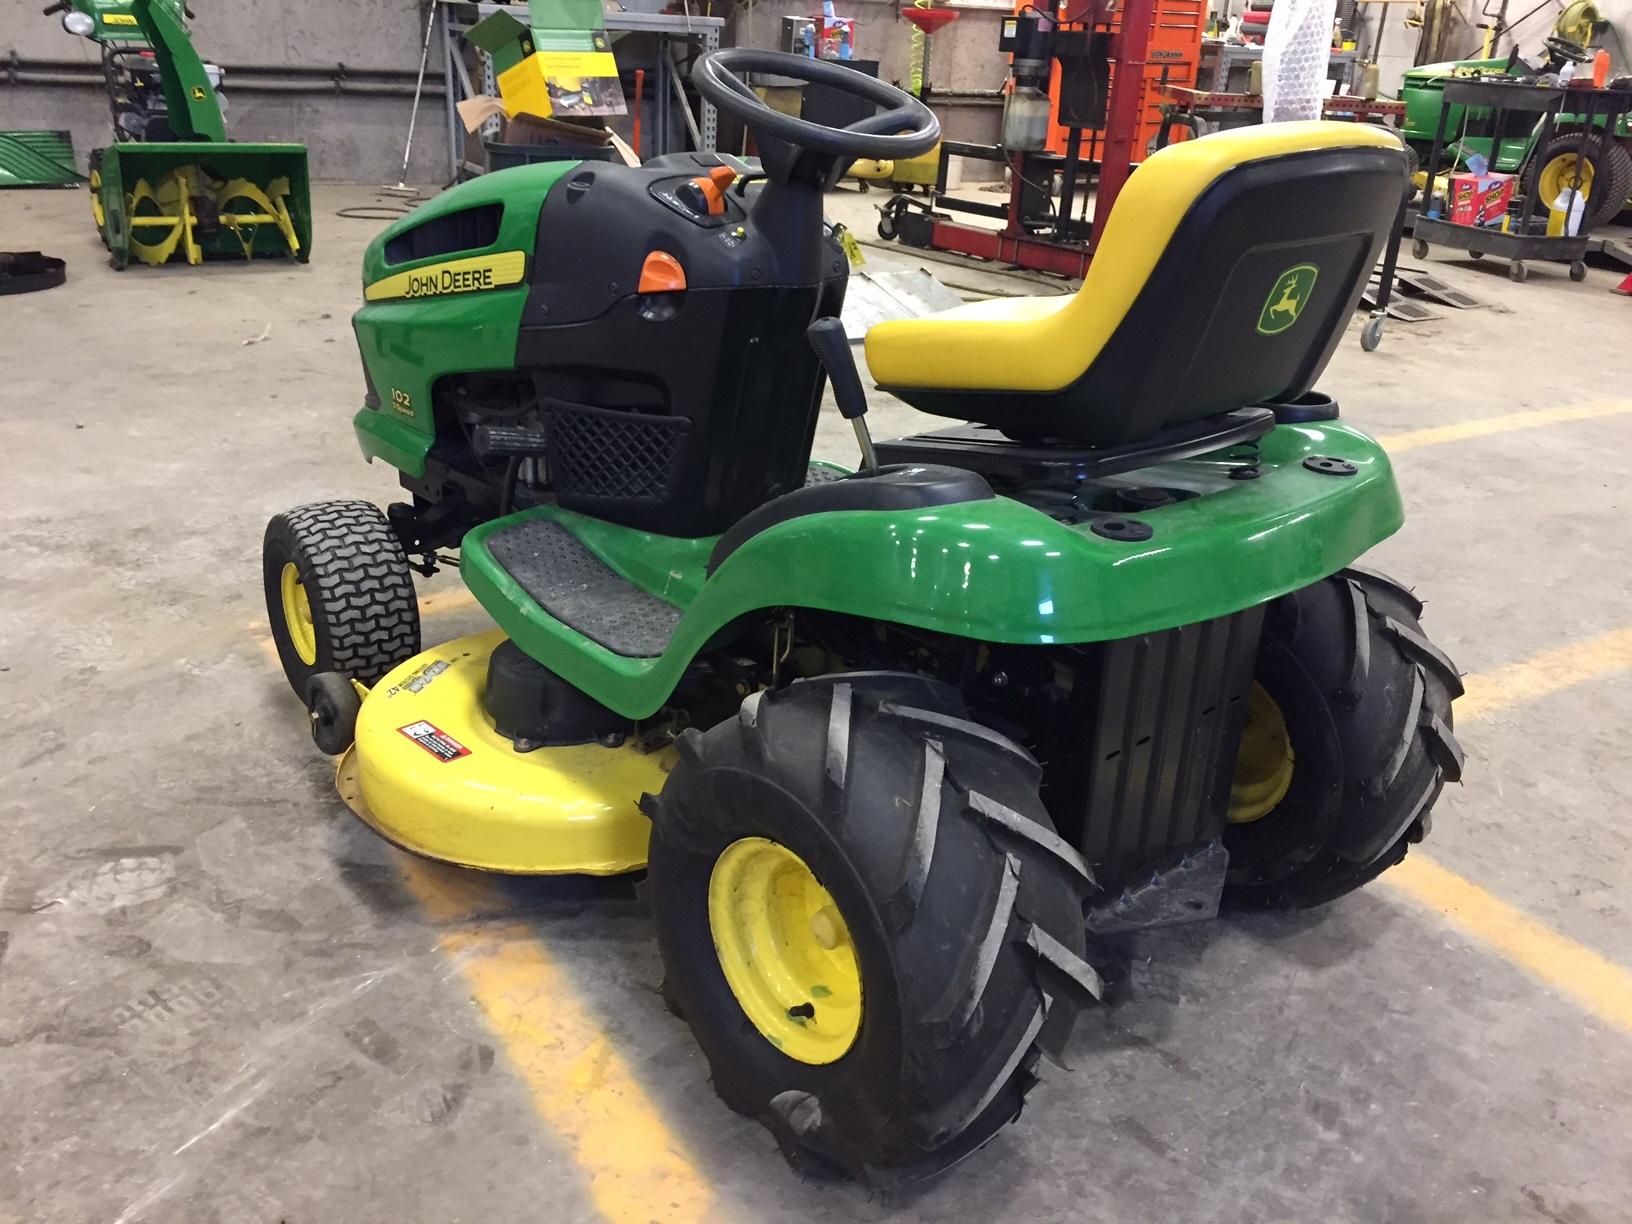 John Deere 102 17 Hp Lawn Tractor Tractors X485 Wiring Diagram Garden For Sale 66773